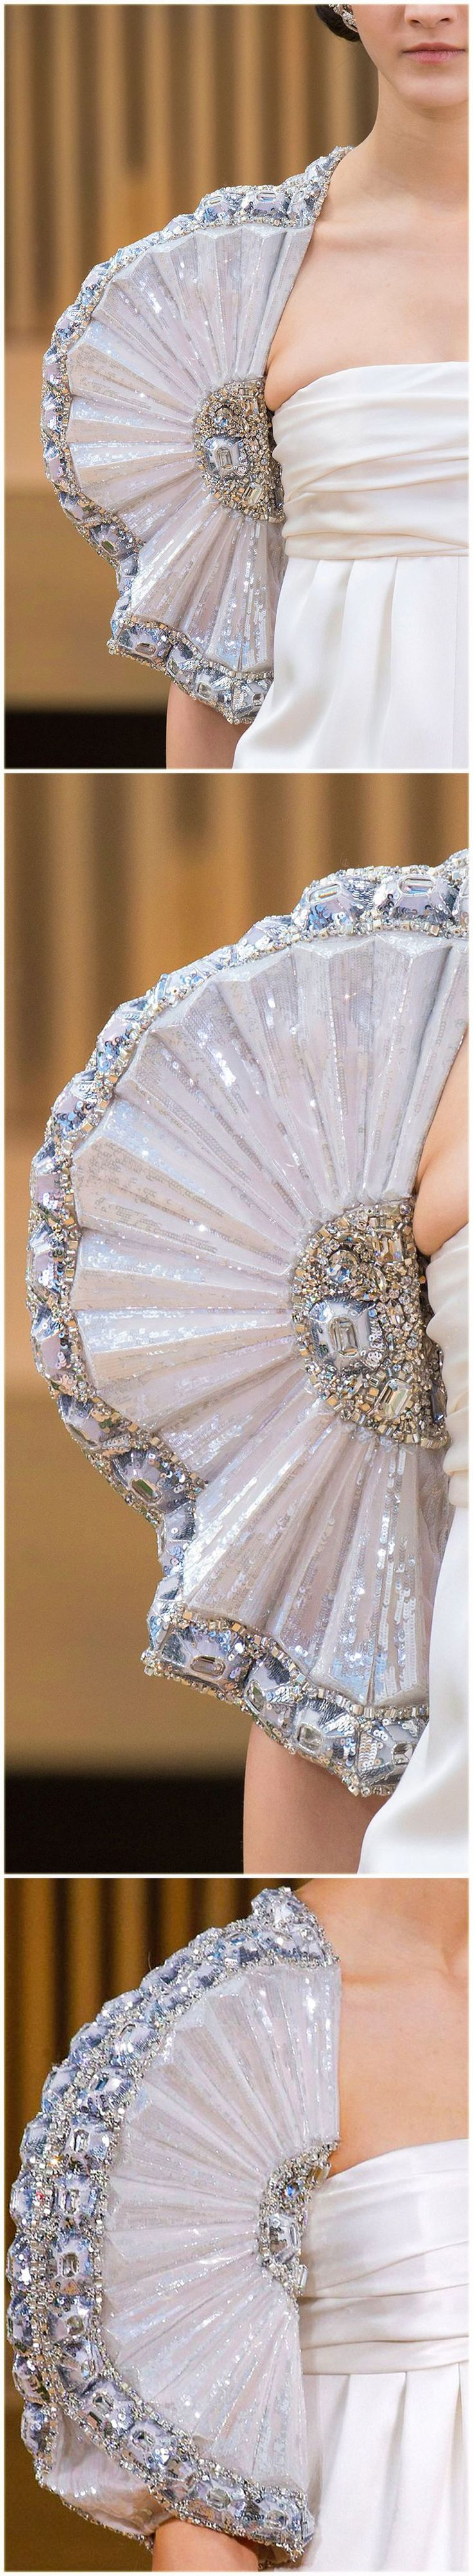 Вышивки высокой моды: крупный план - Ярмарка Мастеров - ручная работа, handmade